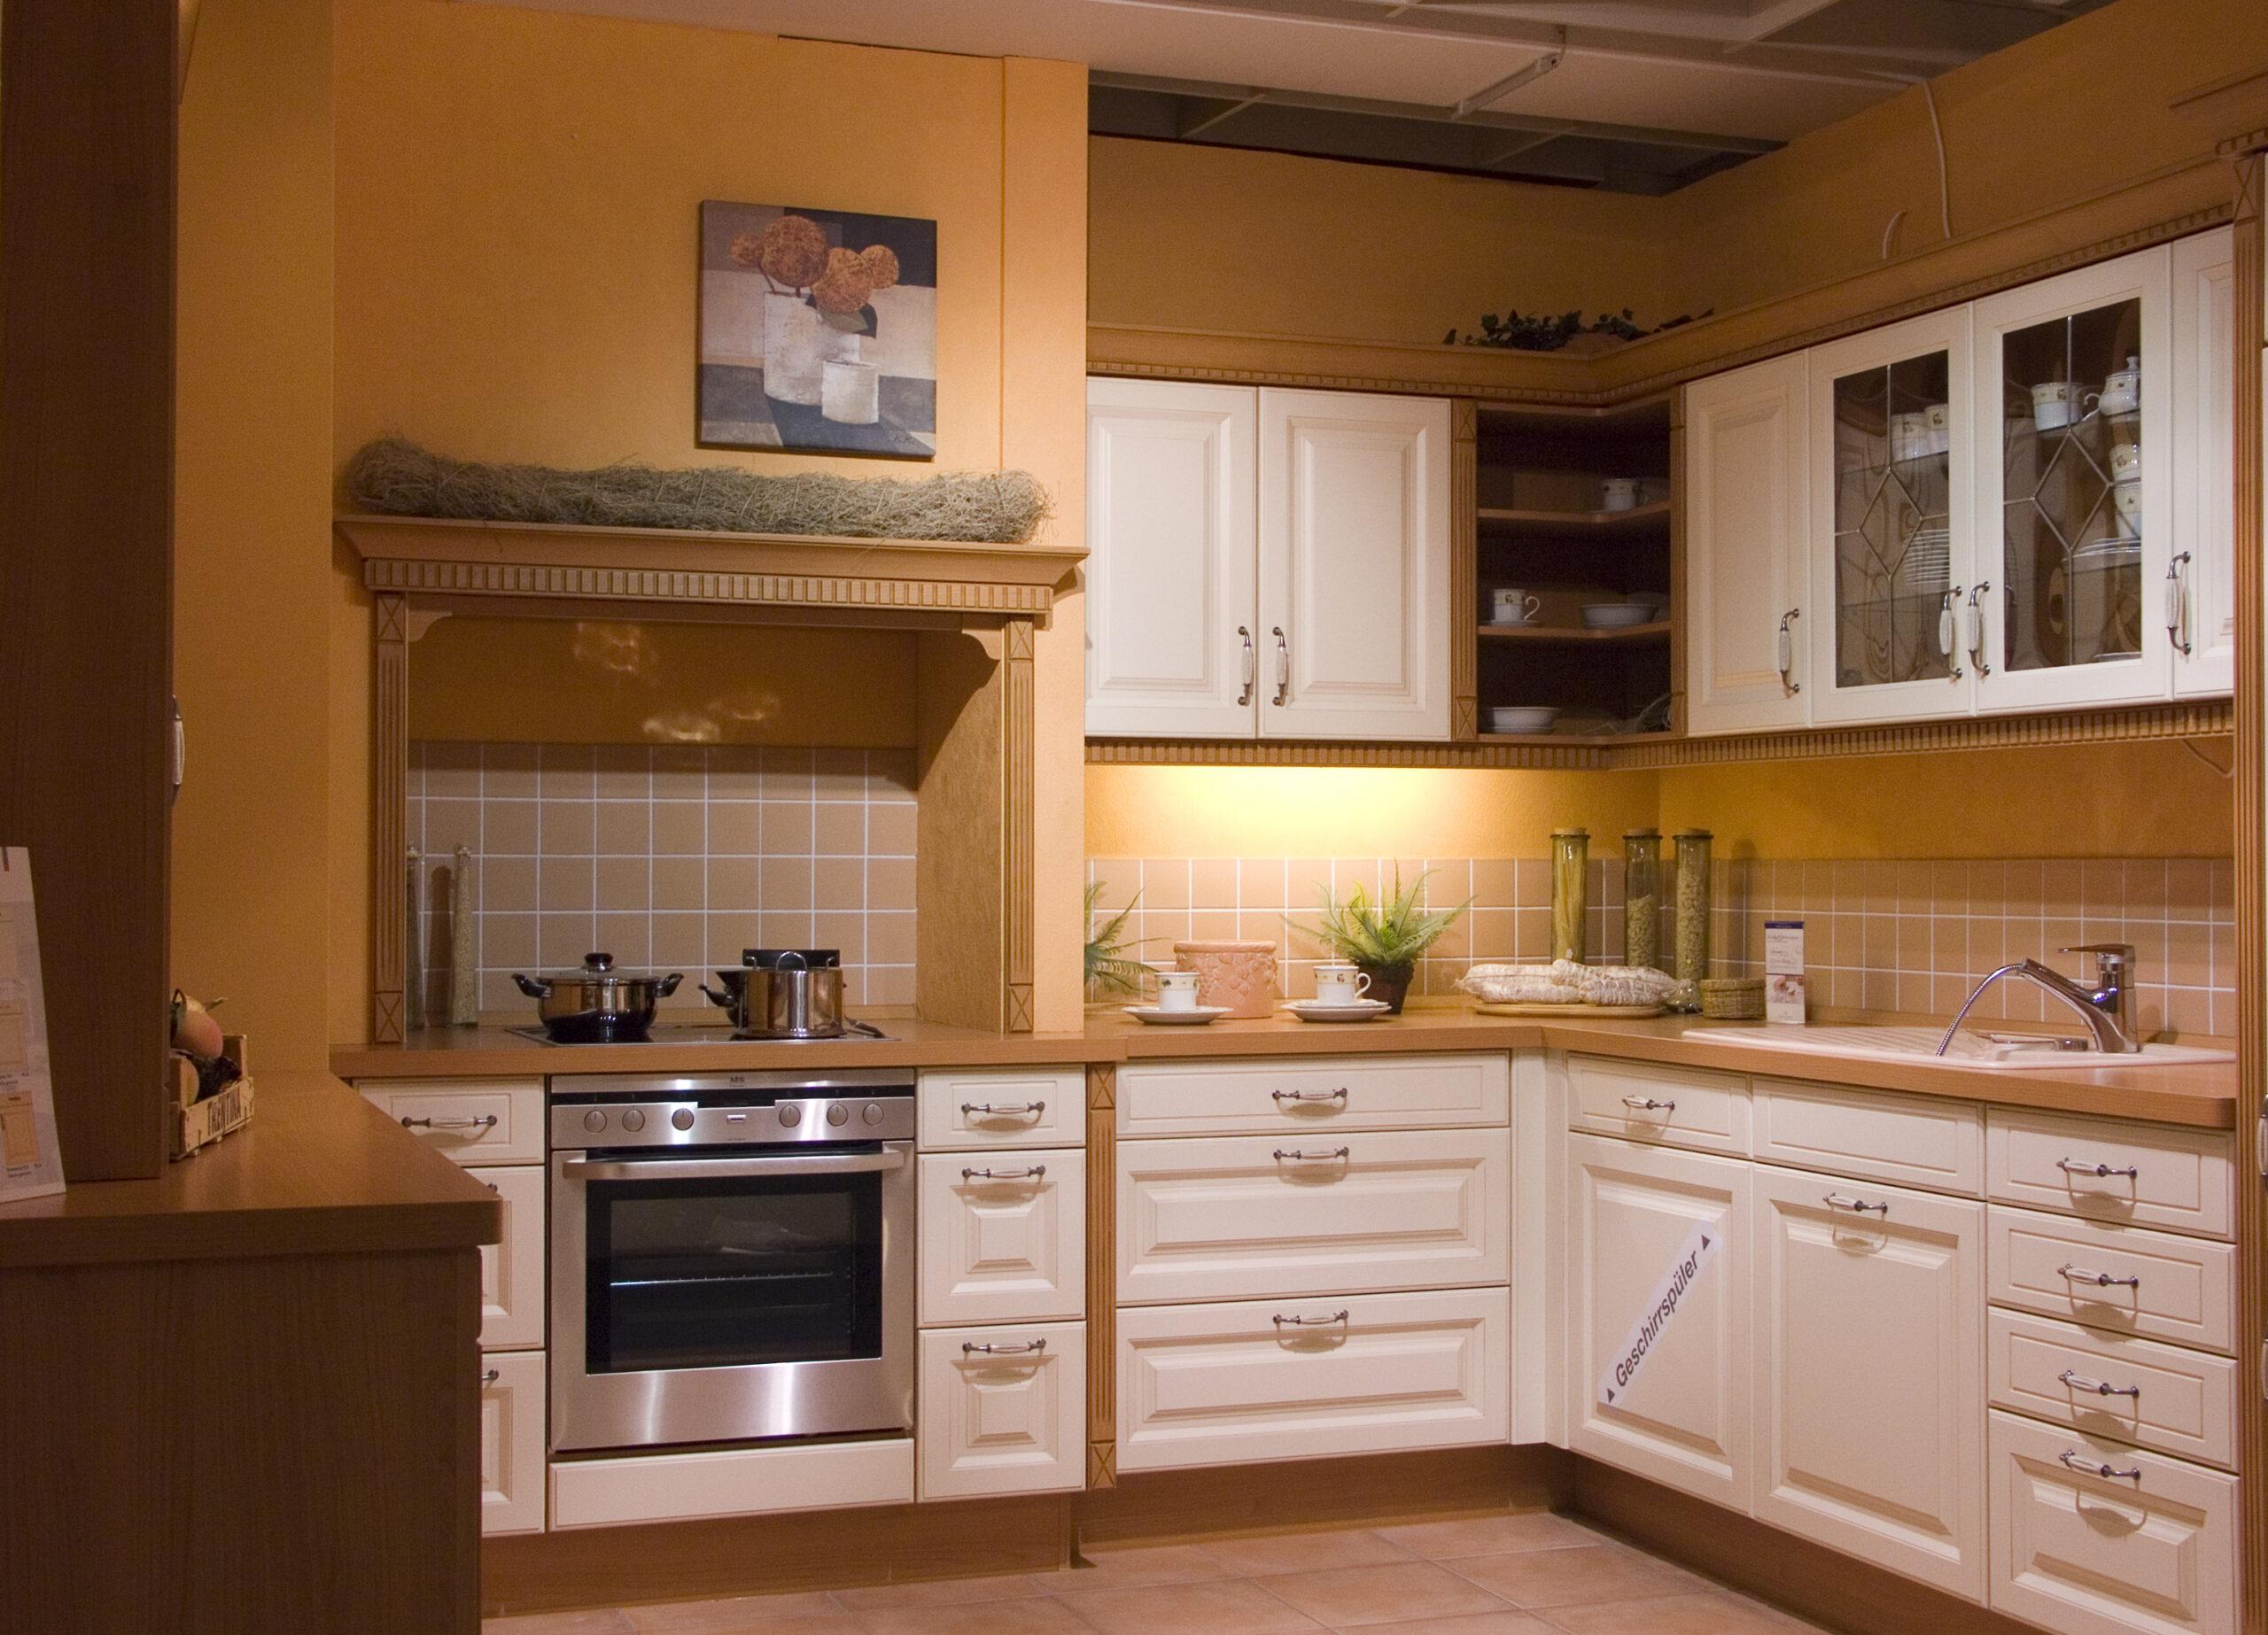 Full Size of Miniküche Gebraucht Kuechenzeilen Anbaukuechen Kleinanzeigen Gebrauchte Regale Küche Verkaufen Chesterfield Sofa Einbauküche Ikea Edelstahlküche Wohnzimmer Miniküche Gebraucht